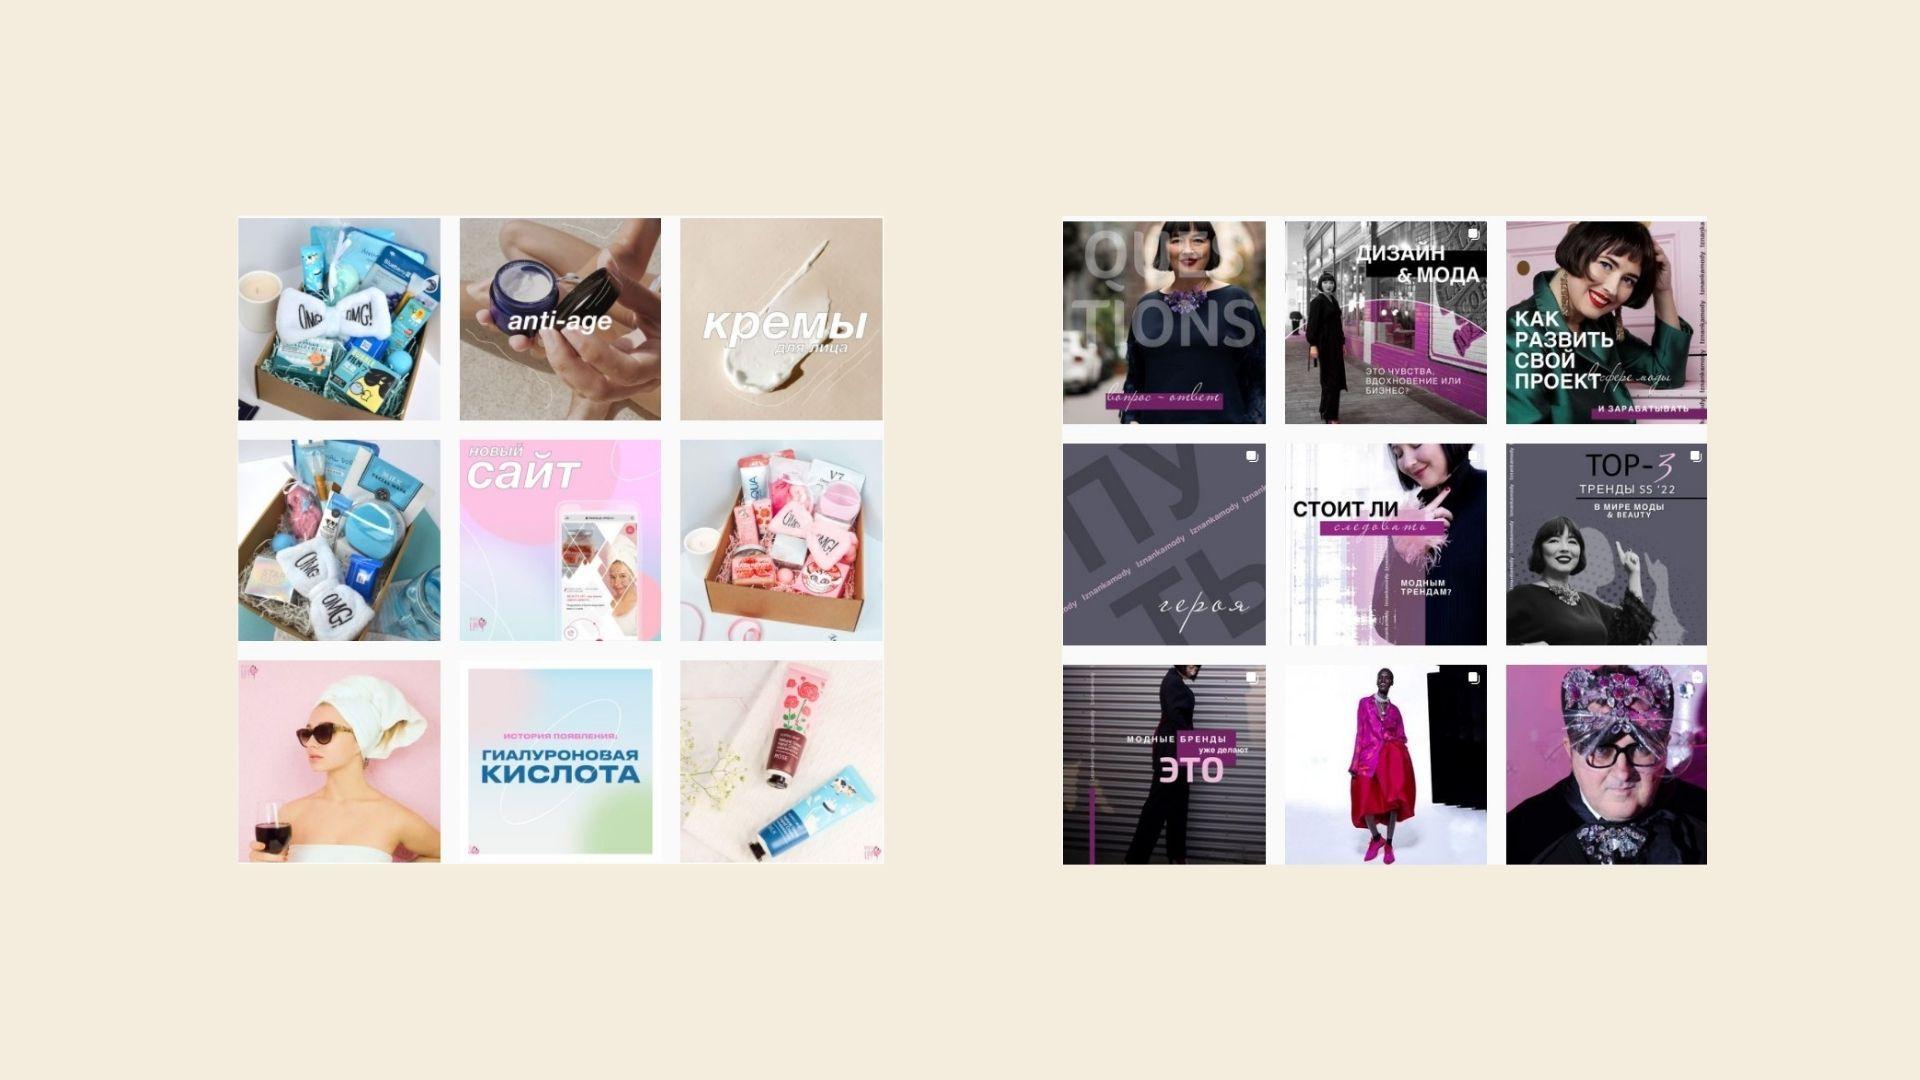 Наглядный пример двух аккаунтов из бьюти-сферы. В одном мы видим цветовой разнобой с бежевым, разными оттенками розового и голубым, в другом — понятную и узнаваемую цветовую гамму